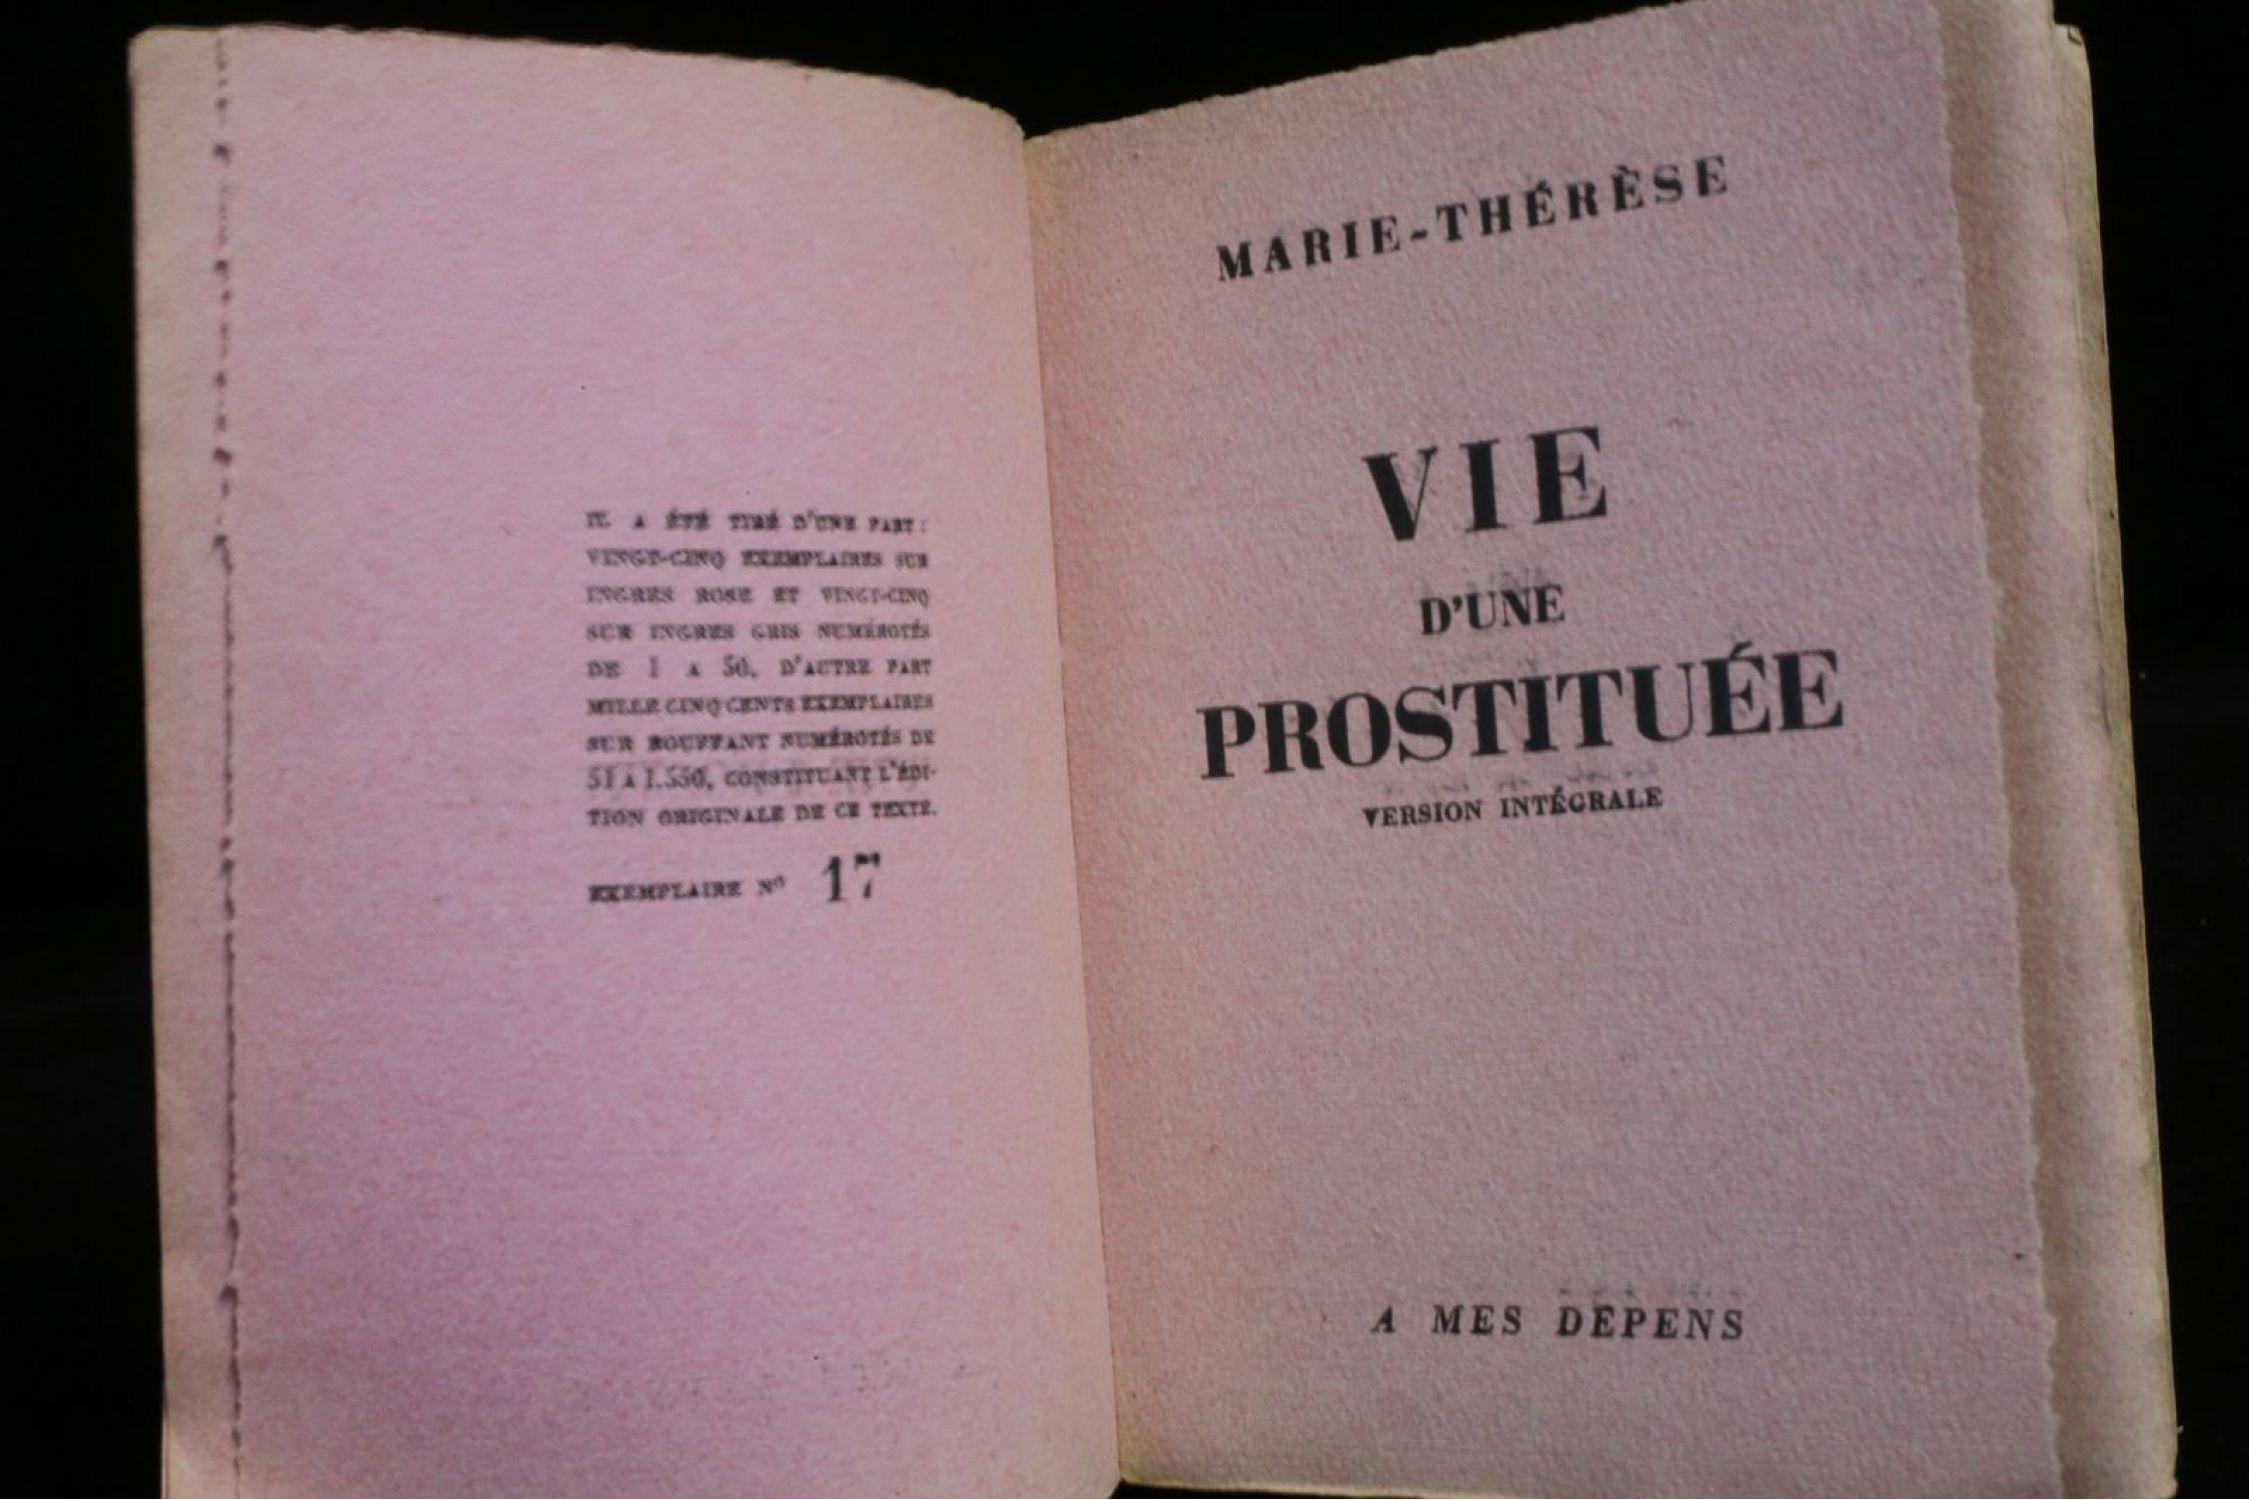 Prostituée viry chatillon